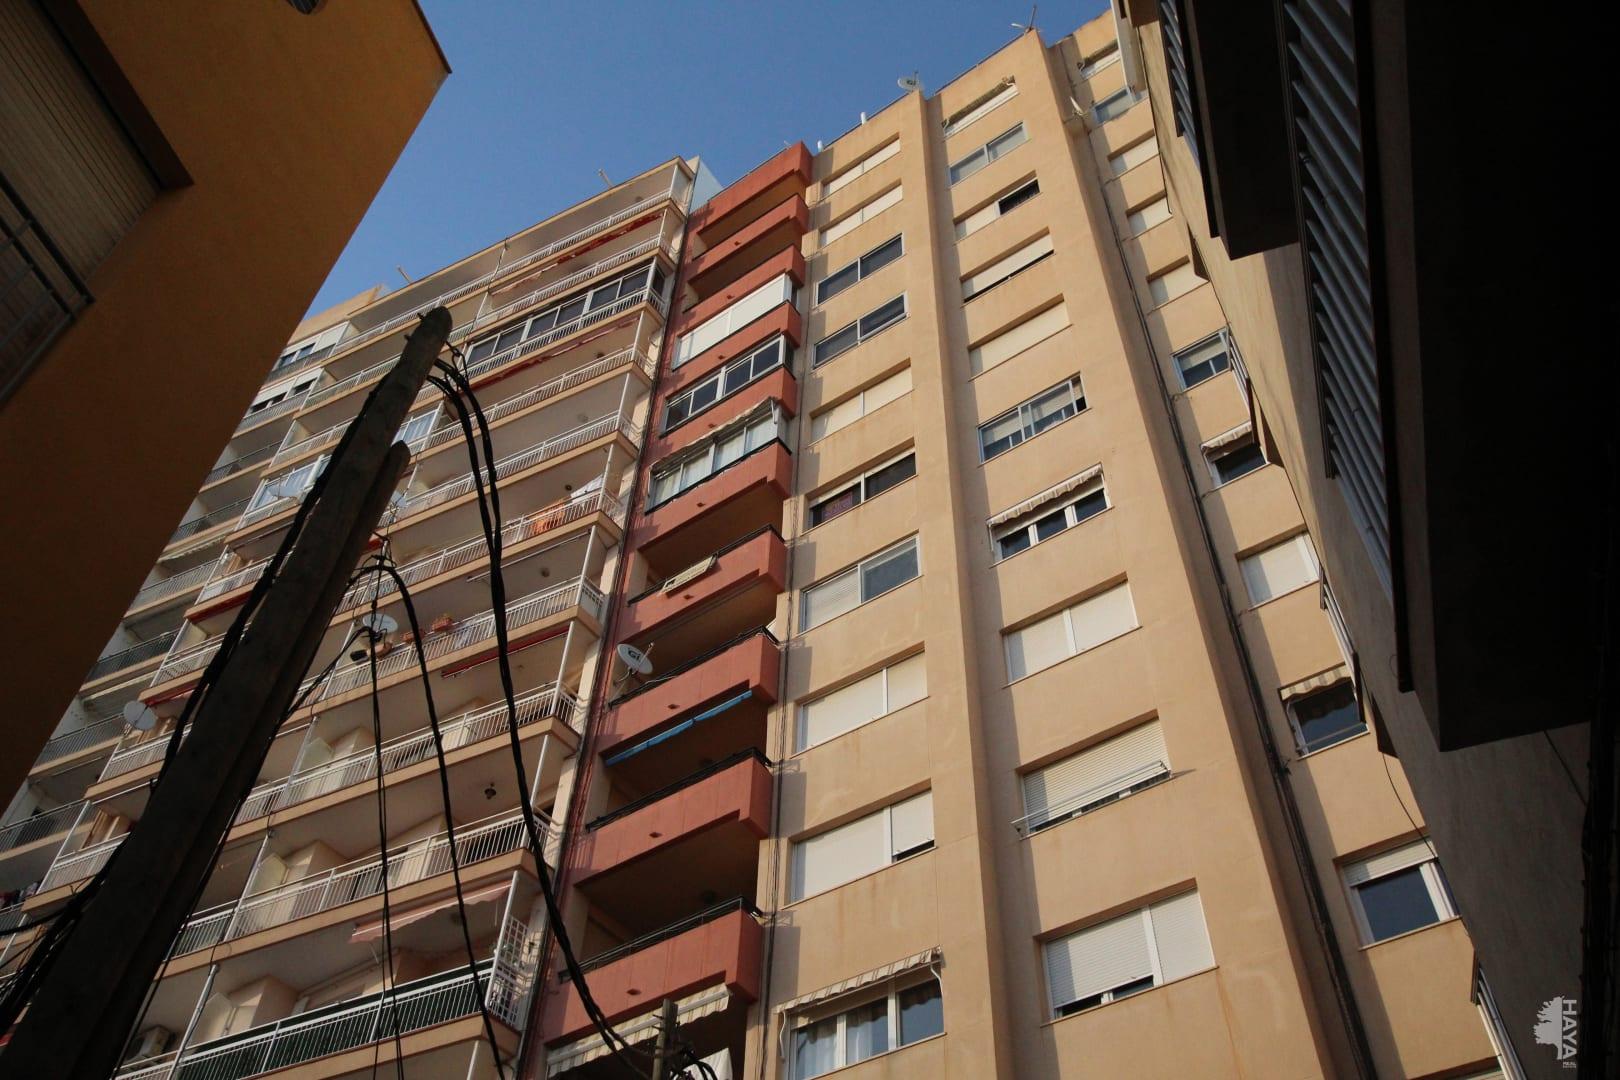 Piso en venta en Vinaròs, Castellón, Calle Almas, 121.500 €, 3 habitaciones, 2 baños, 106 m2